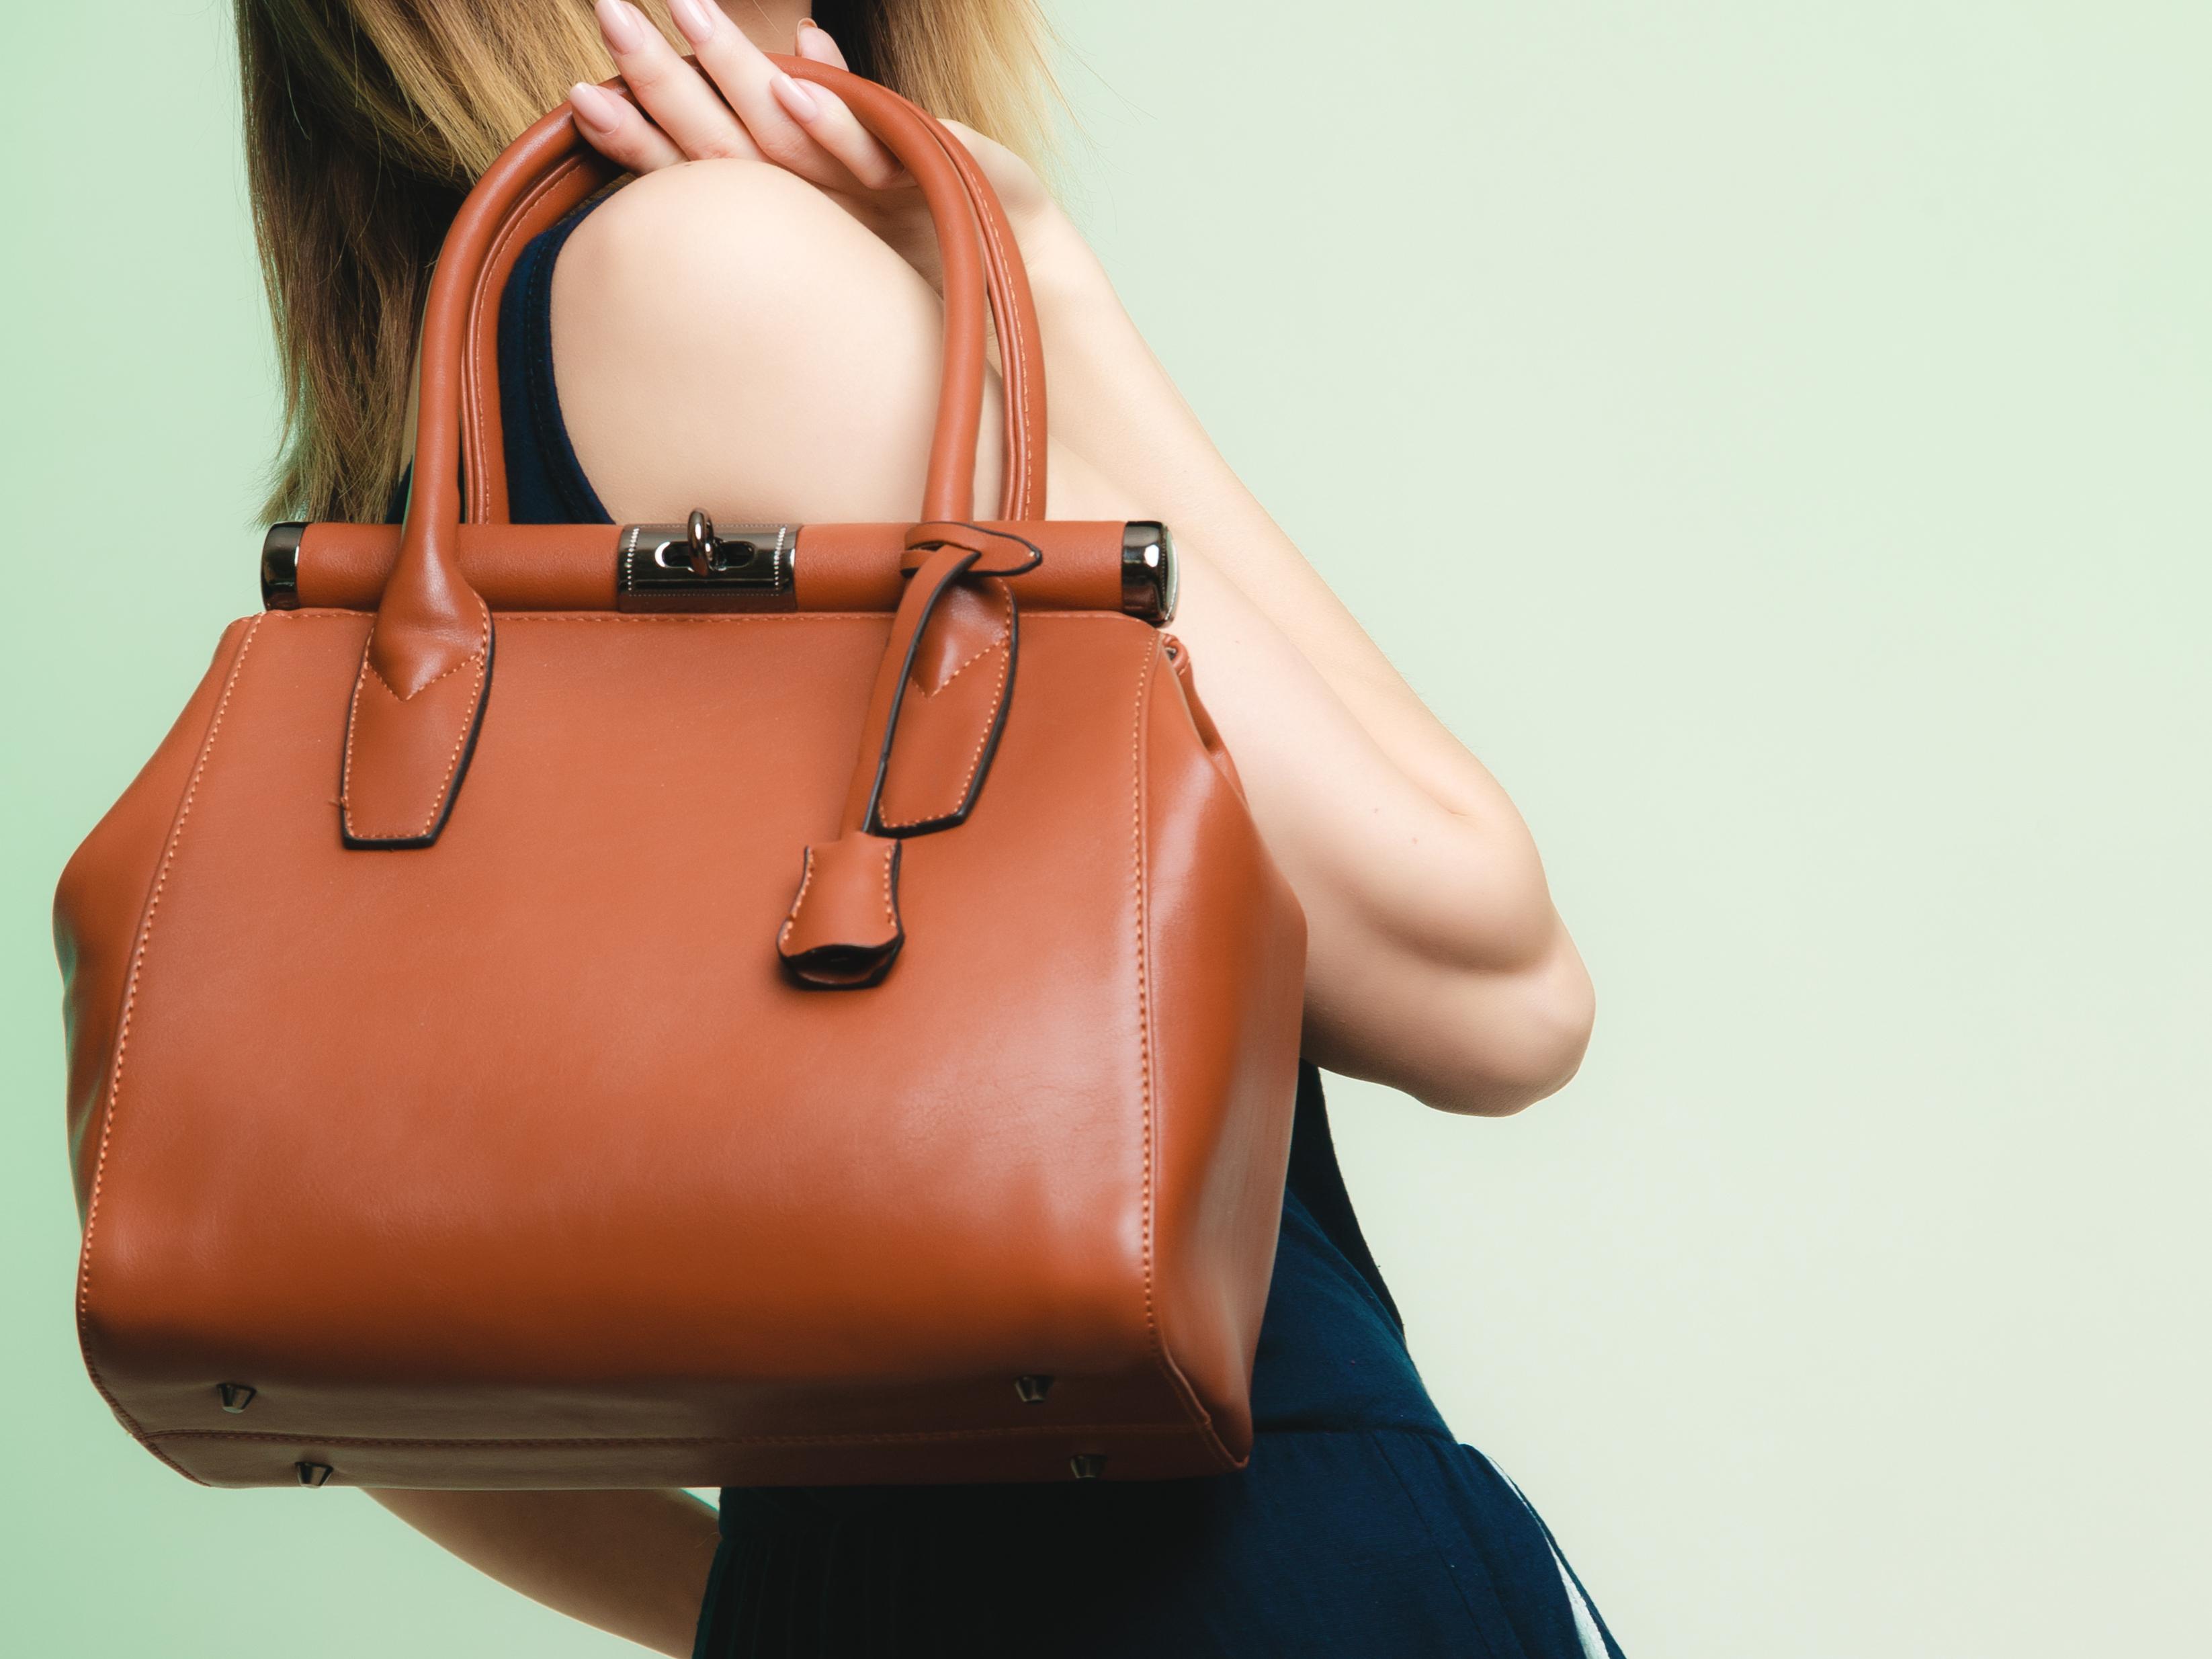 Cognac Colored Handbags Lovetoknow